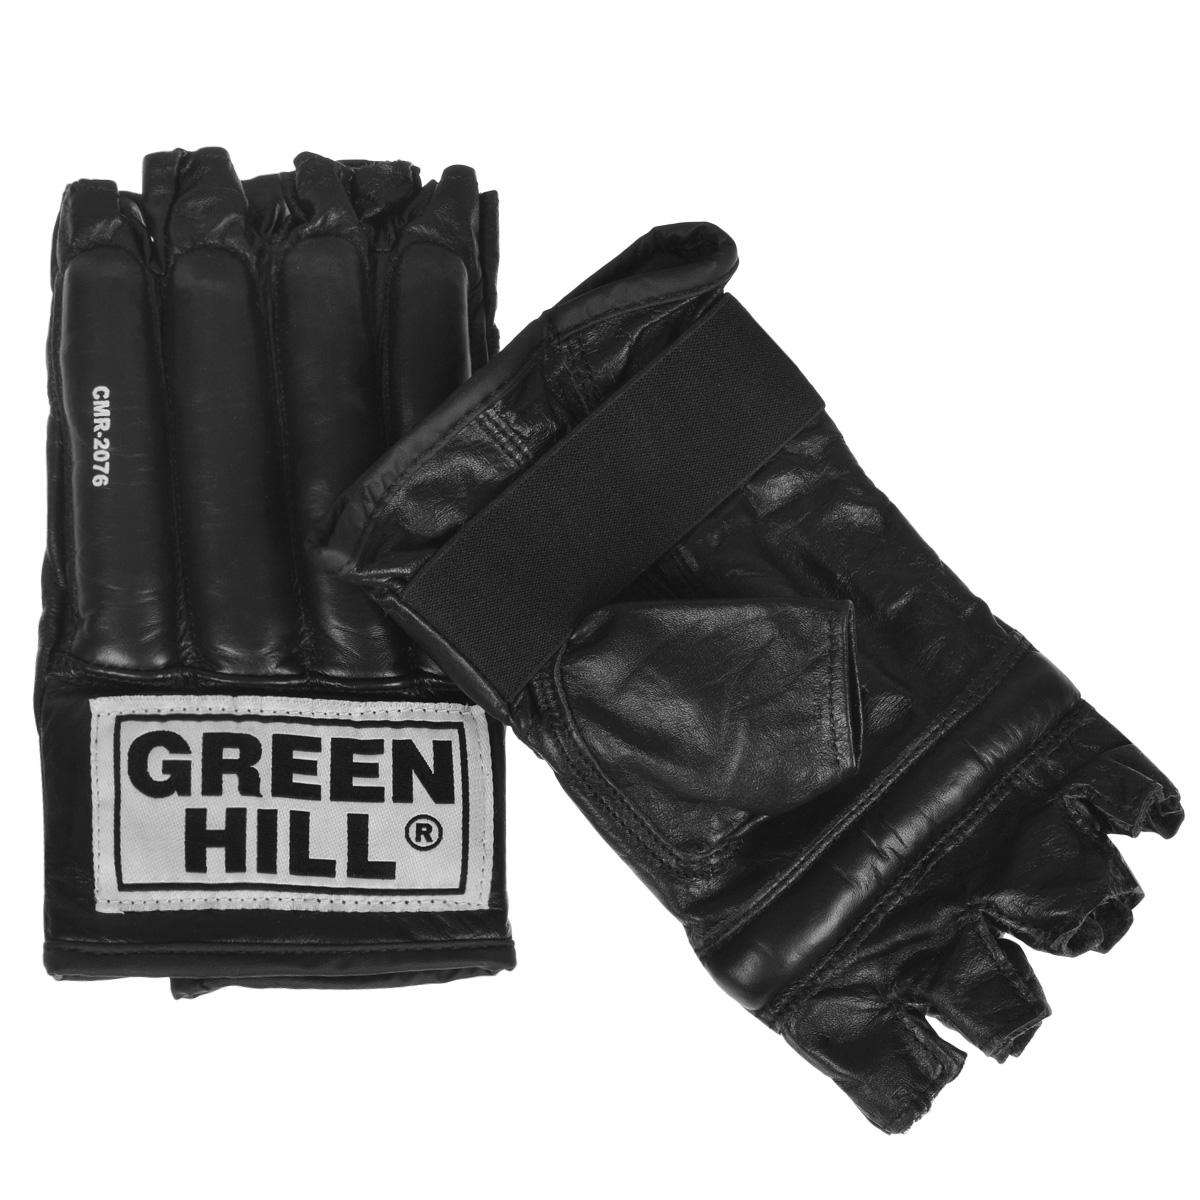 Шингарты для единоборств Green Hill Royal, цвет: черный. Размер L